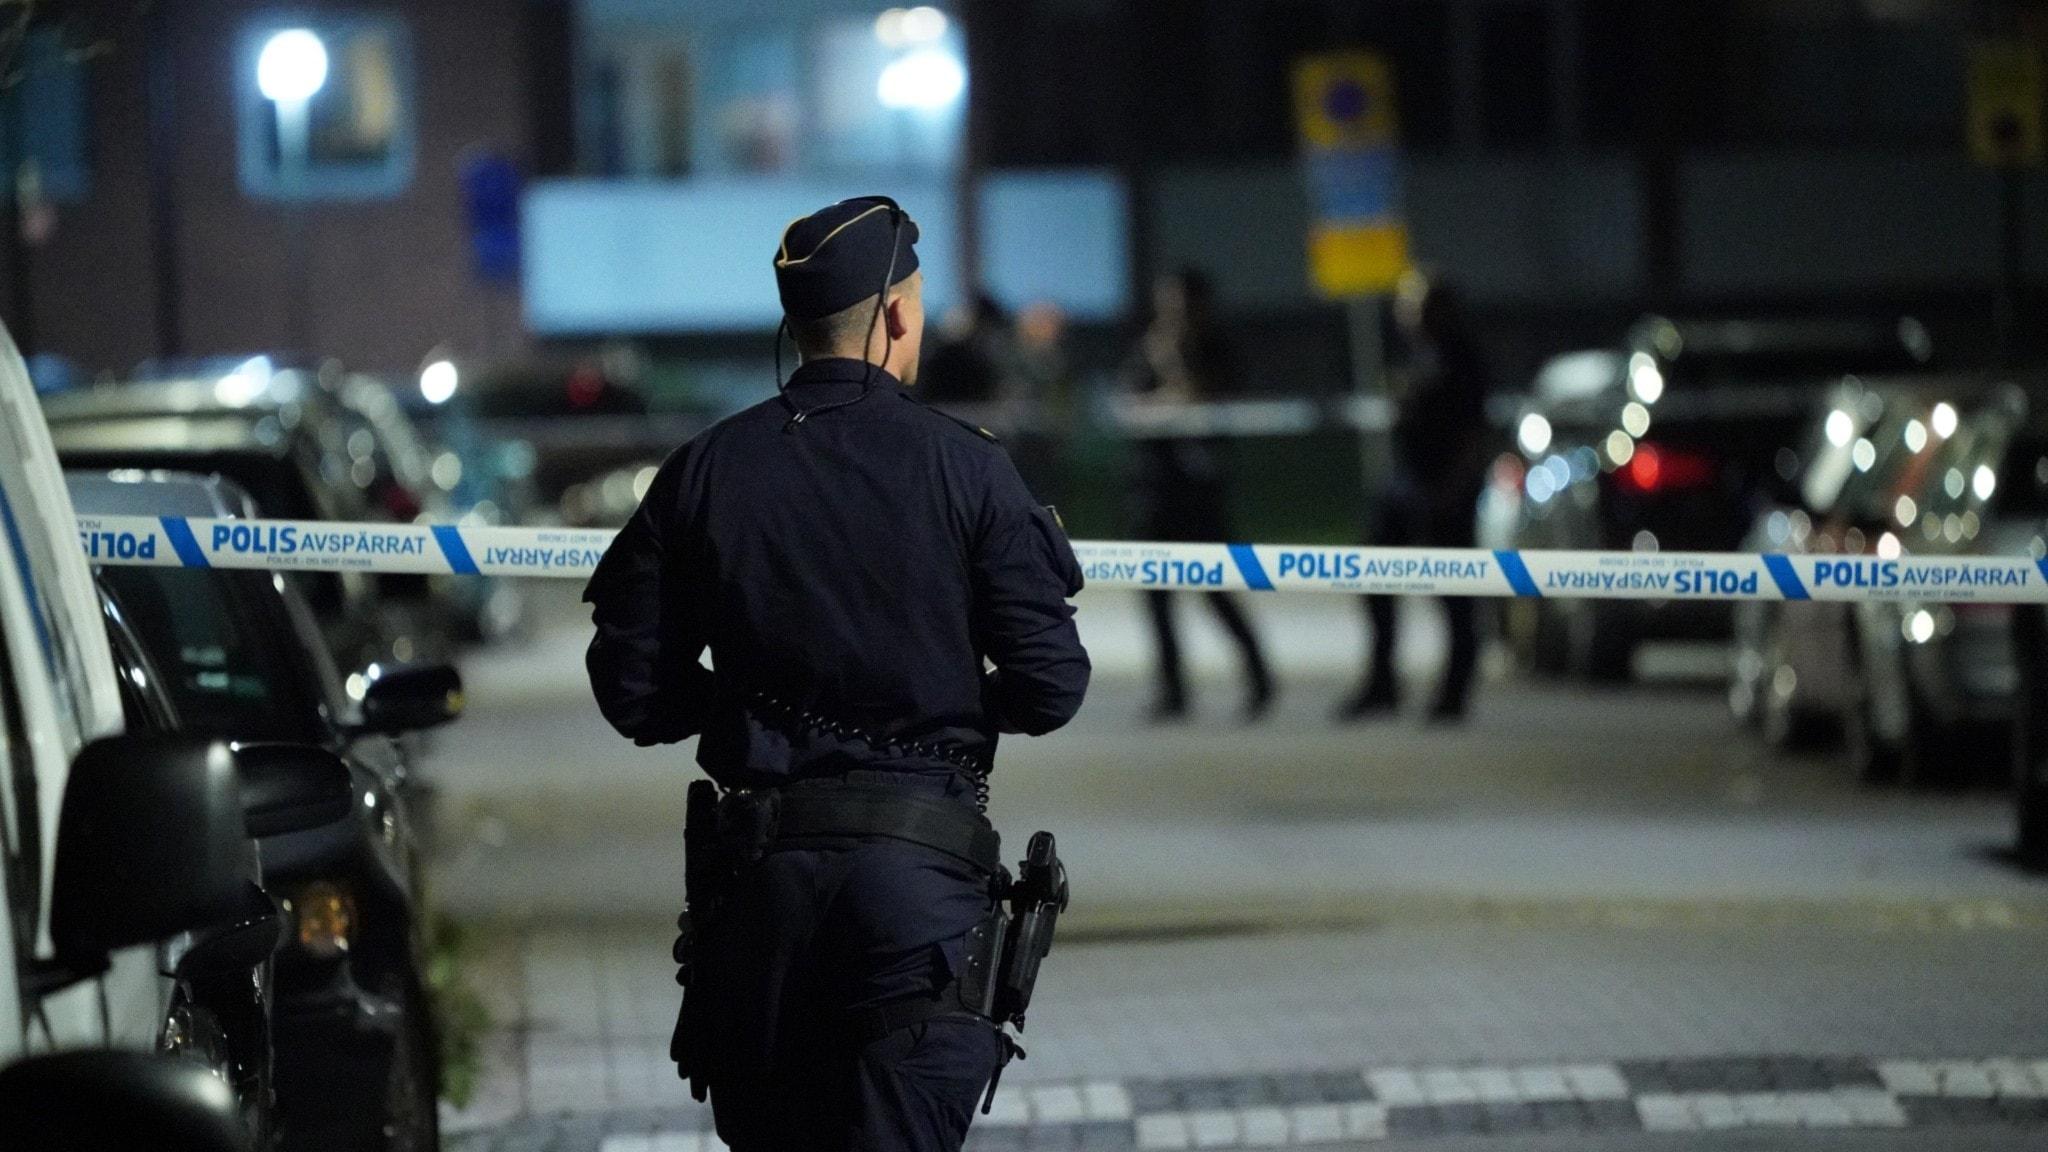 Bilden visar en polis vid ett avspärrat område på natten.